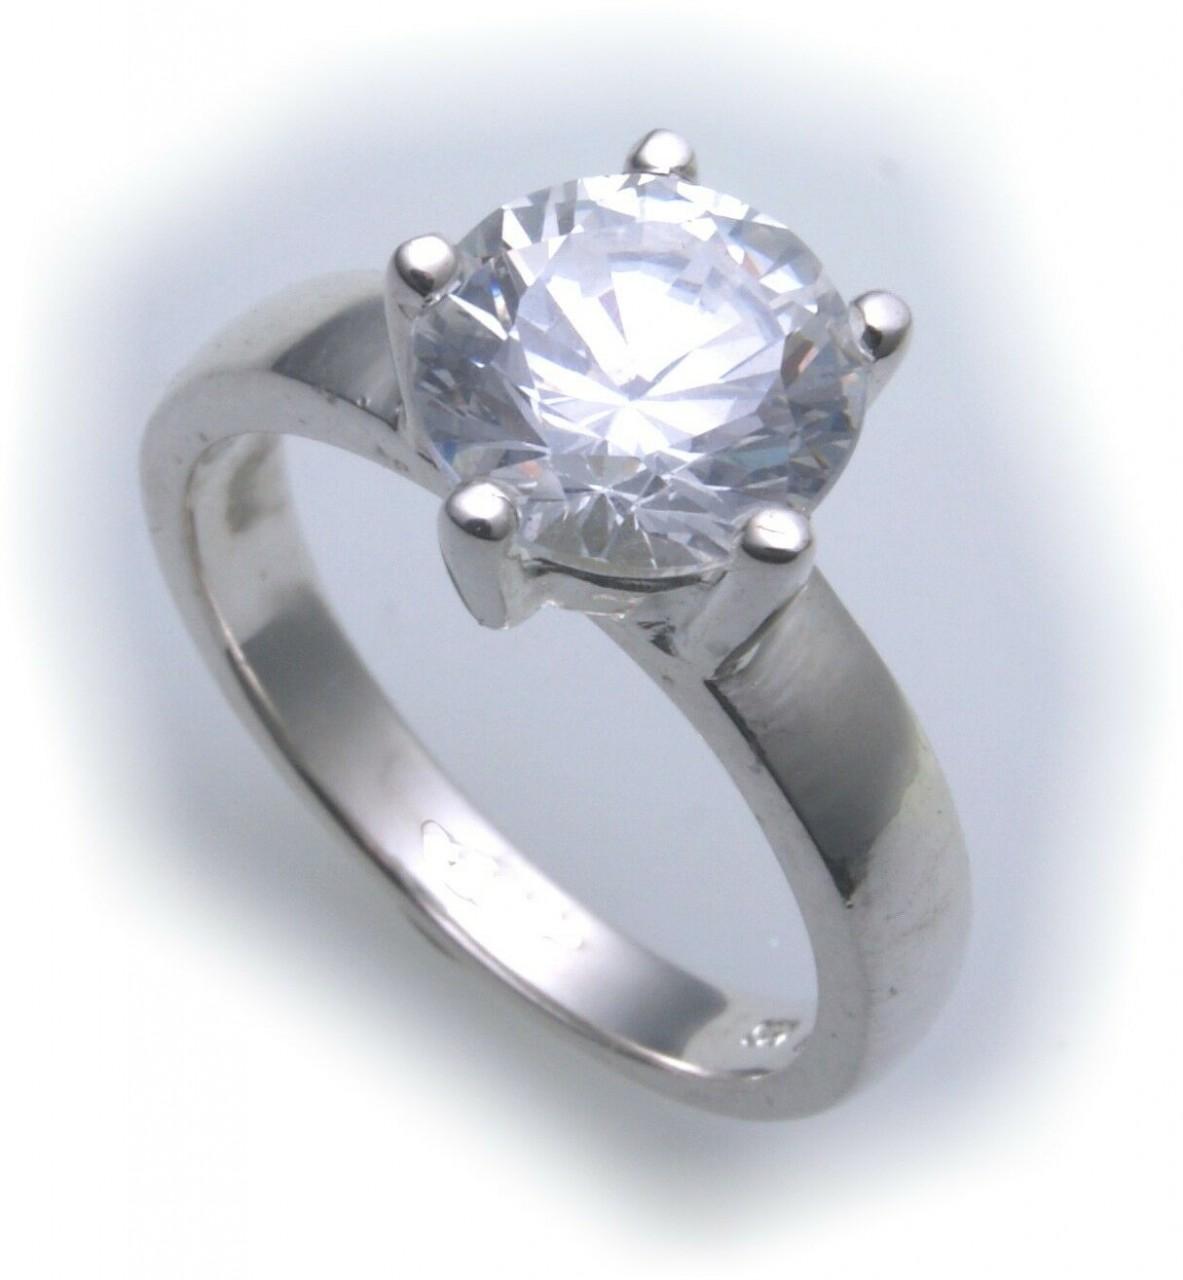 exkl. Damen Ring echt Silber 925 mit Zirkonia groß Stein Qualität Sterlingsilber